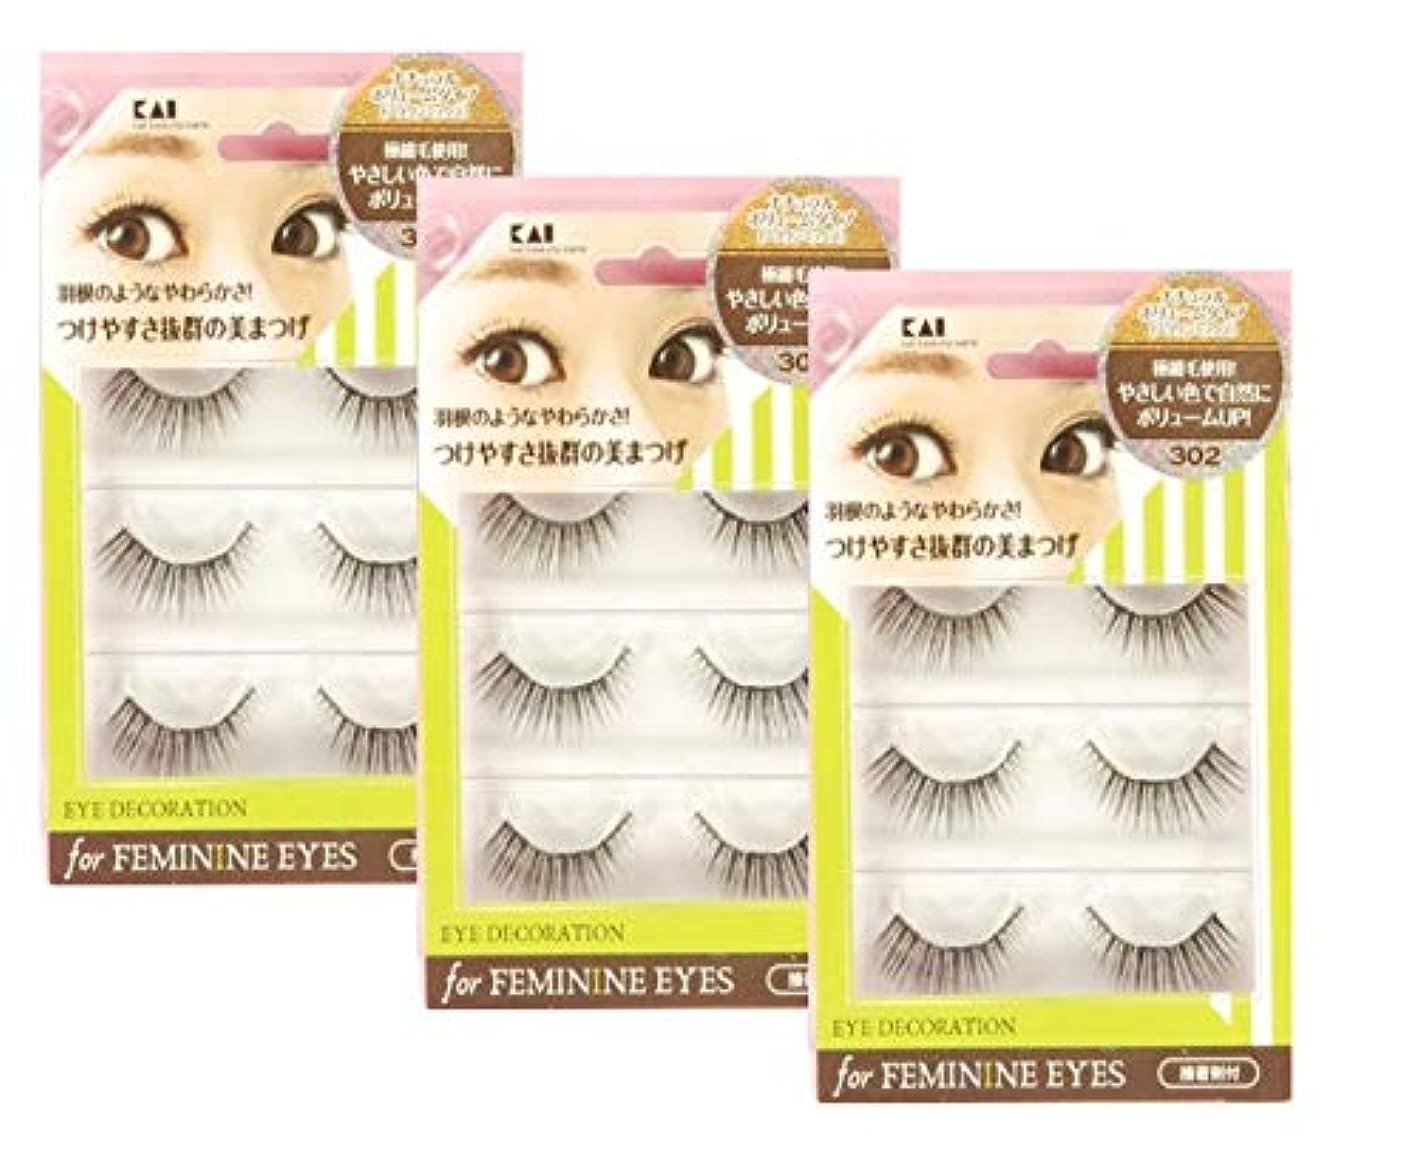 仮定どこか過敏な【まとめ買い3個セット】アイデコレーション for feminine eyes 302 ナチュラルボリュームタイプ(ブラウンミックス)